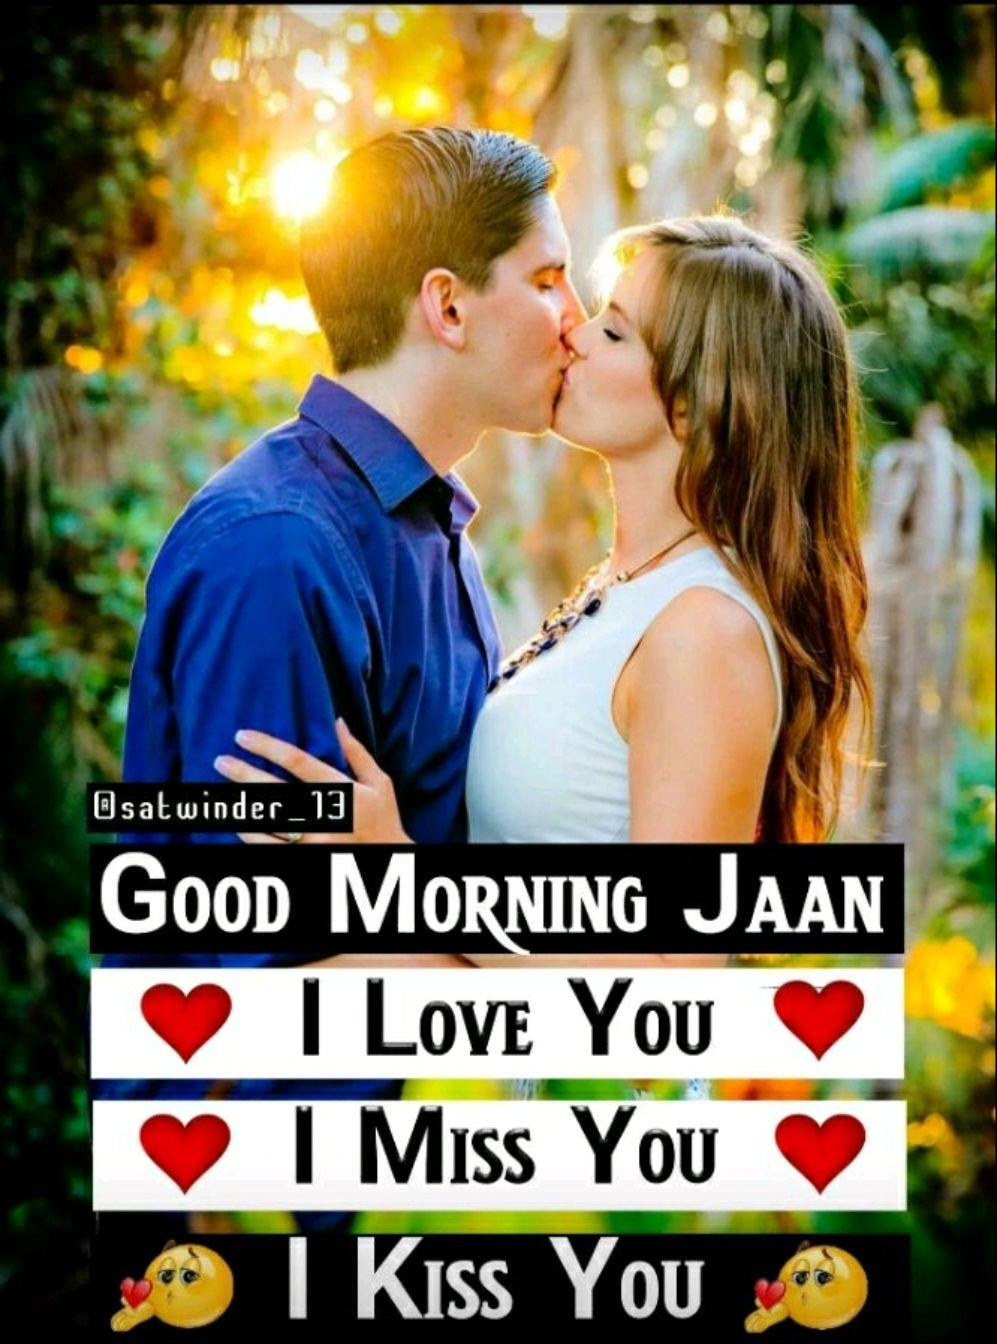 🌞সুপ্রভাত - Osat winder _ 13 Good MORNING JAAN I Love You ♡ I Miss You ♡ I Kiss You - ShareChat